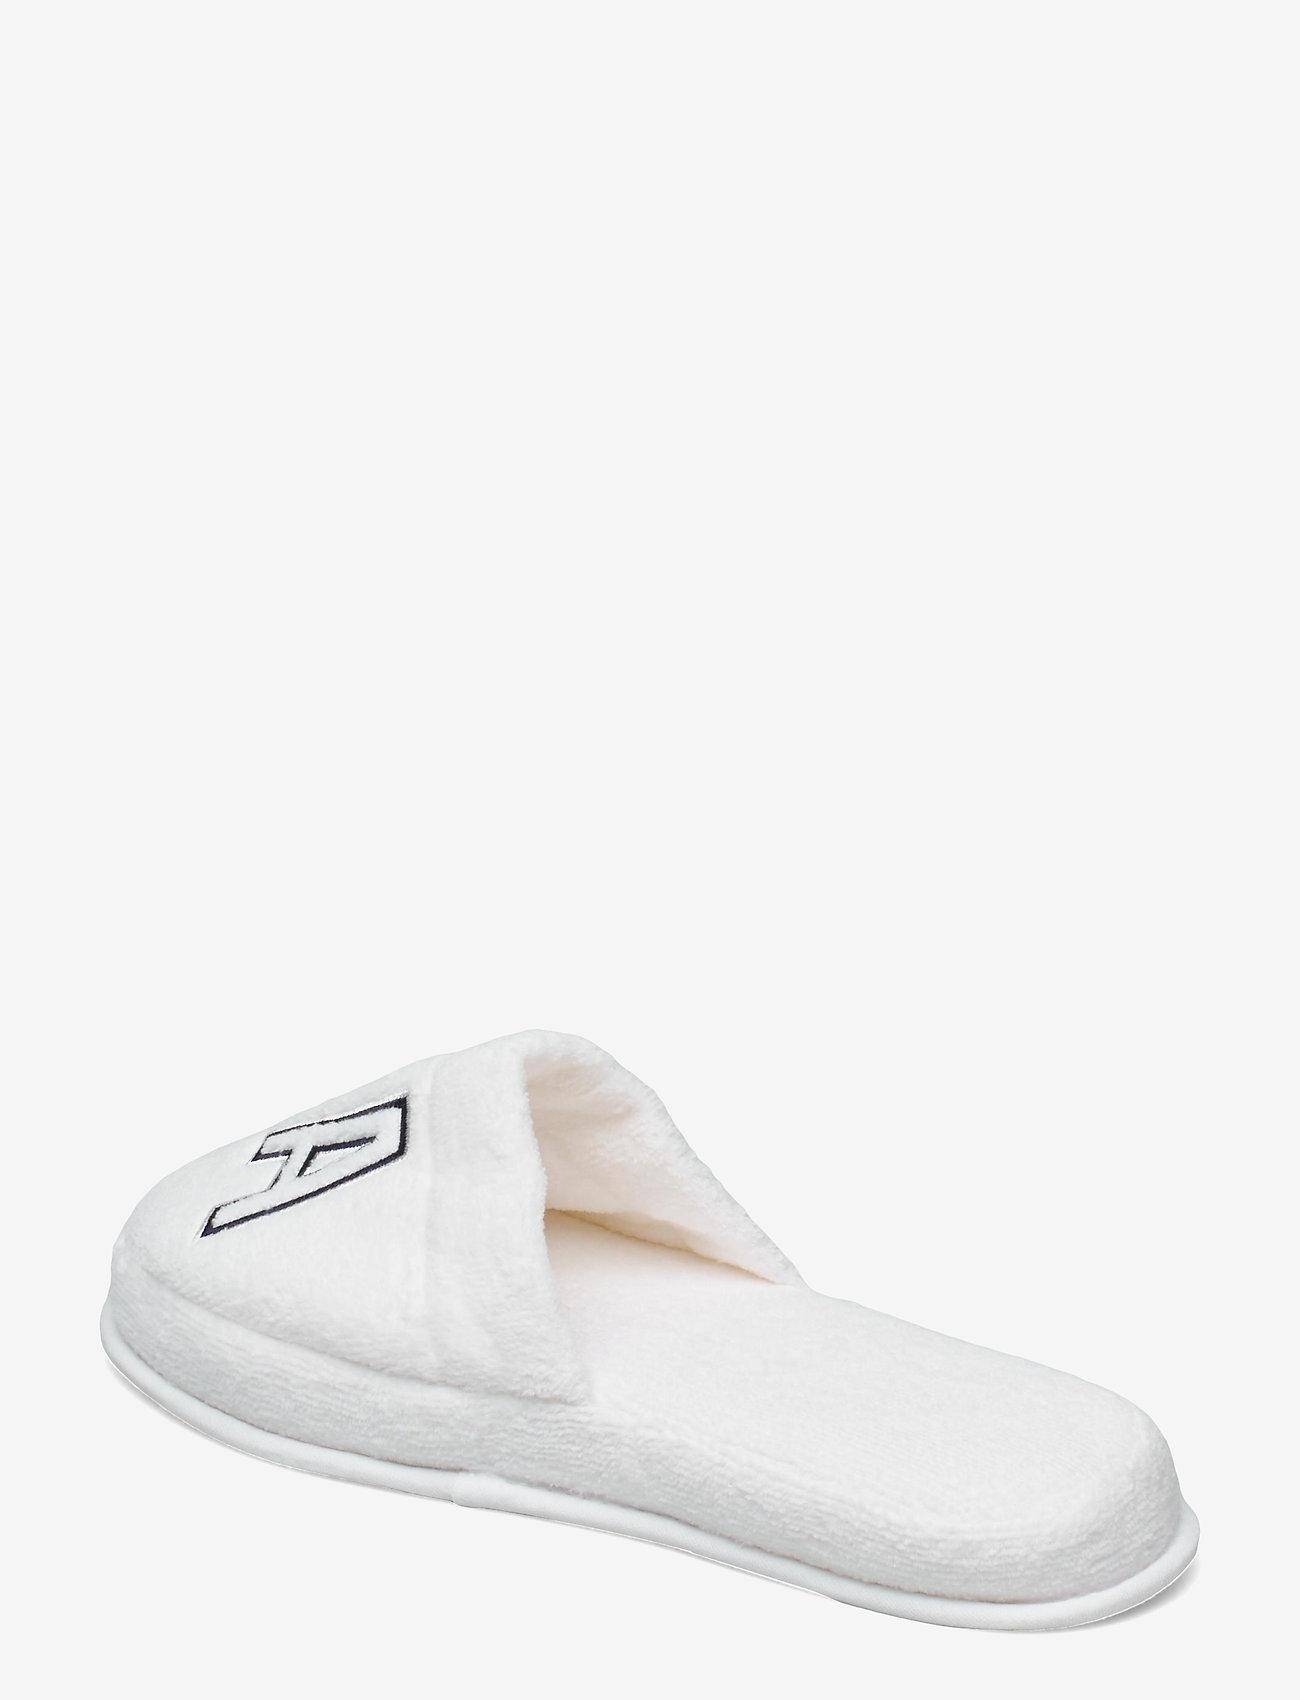 GANT - VACAY SLIPPERS - odzież - white - 2